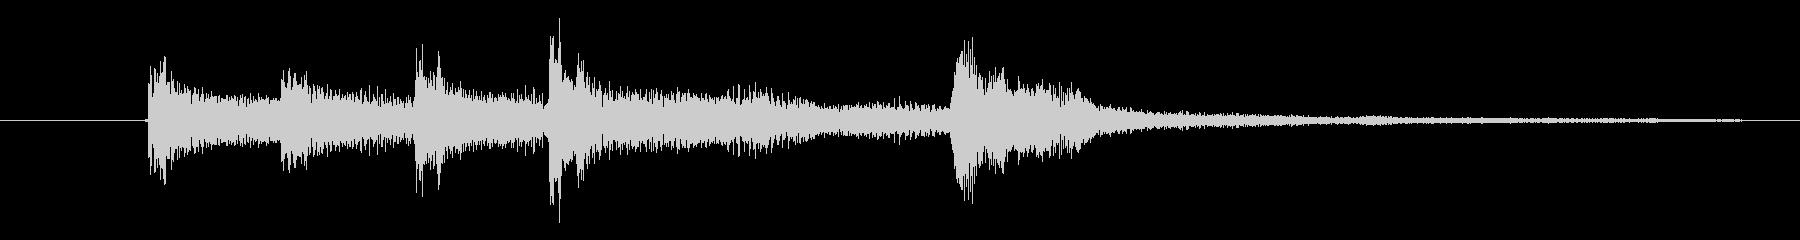 『ありがとぅ』の効果音です。の未再生の波形